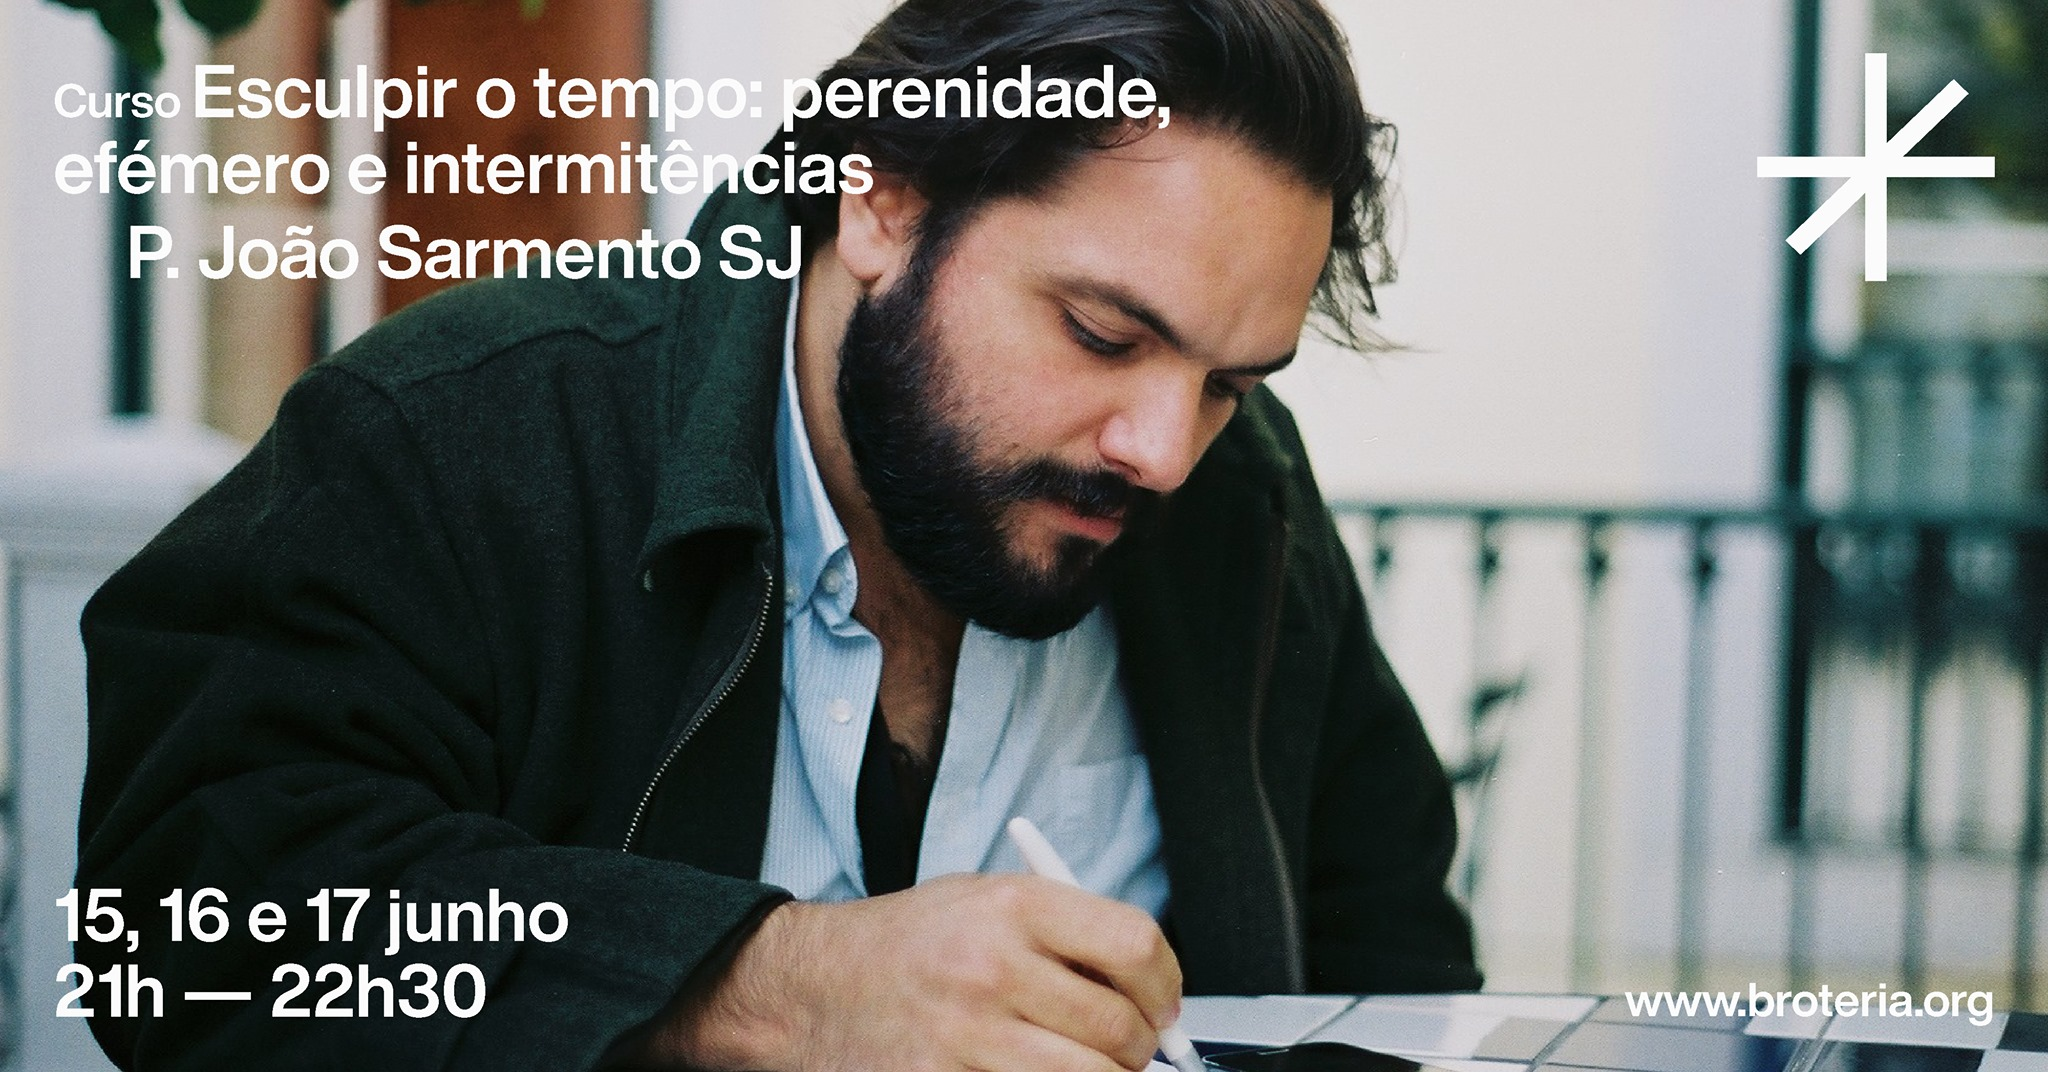 Curso   Esculpir o tempo, com P. João Sarmento SJ